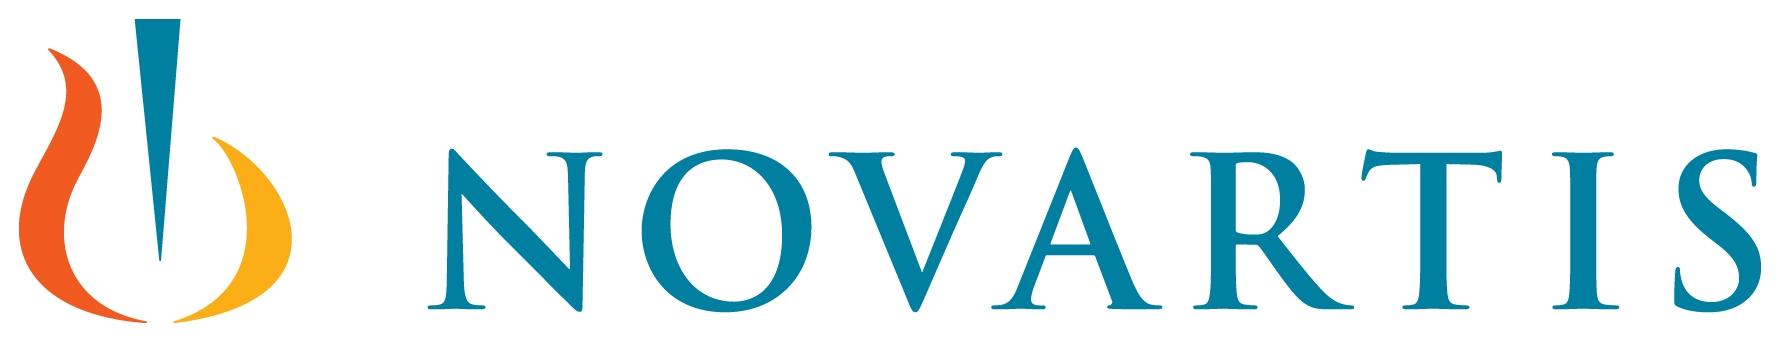 NovartisRGB.JPG (119 KB)